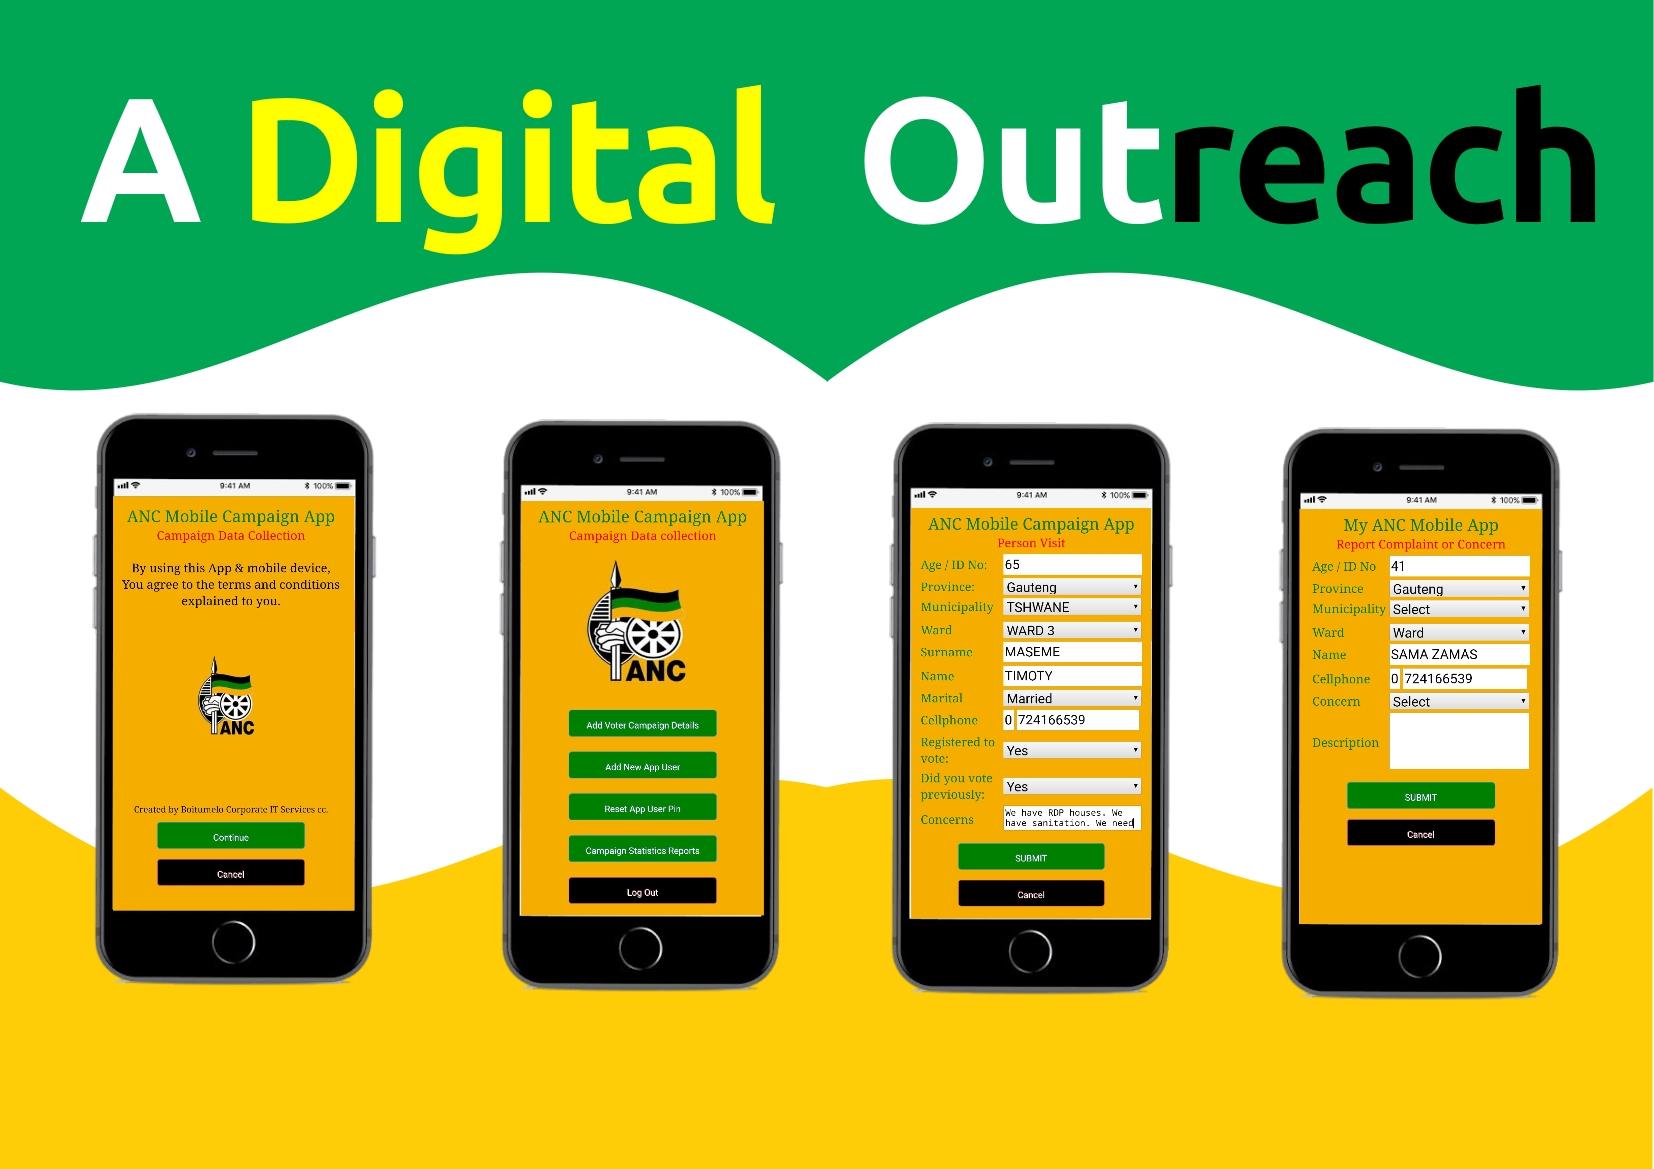 ANC folder inside